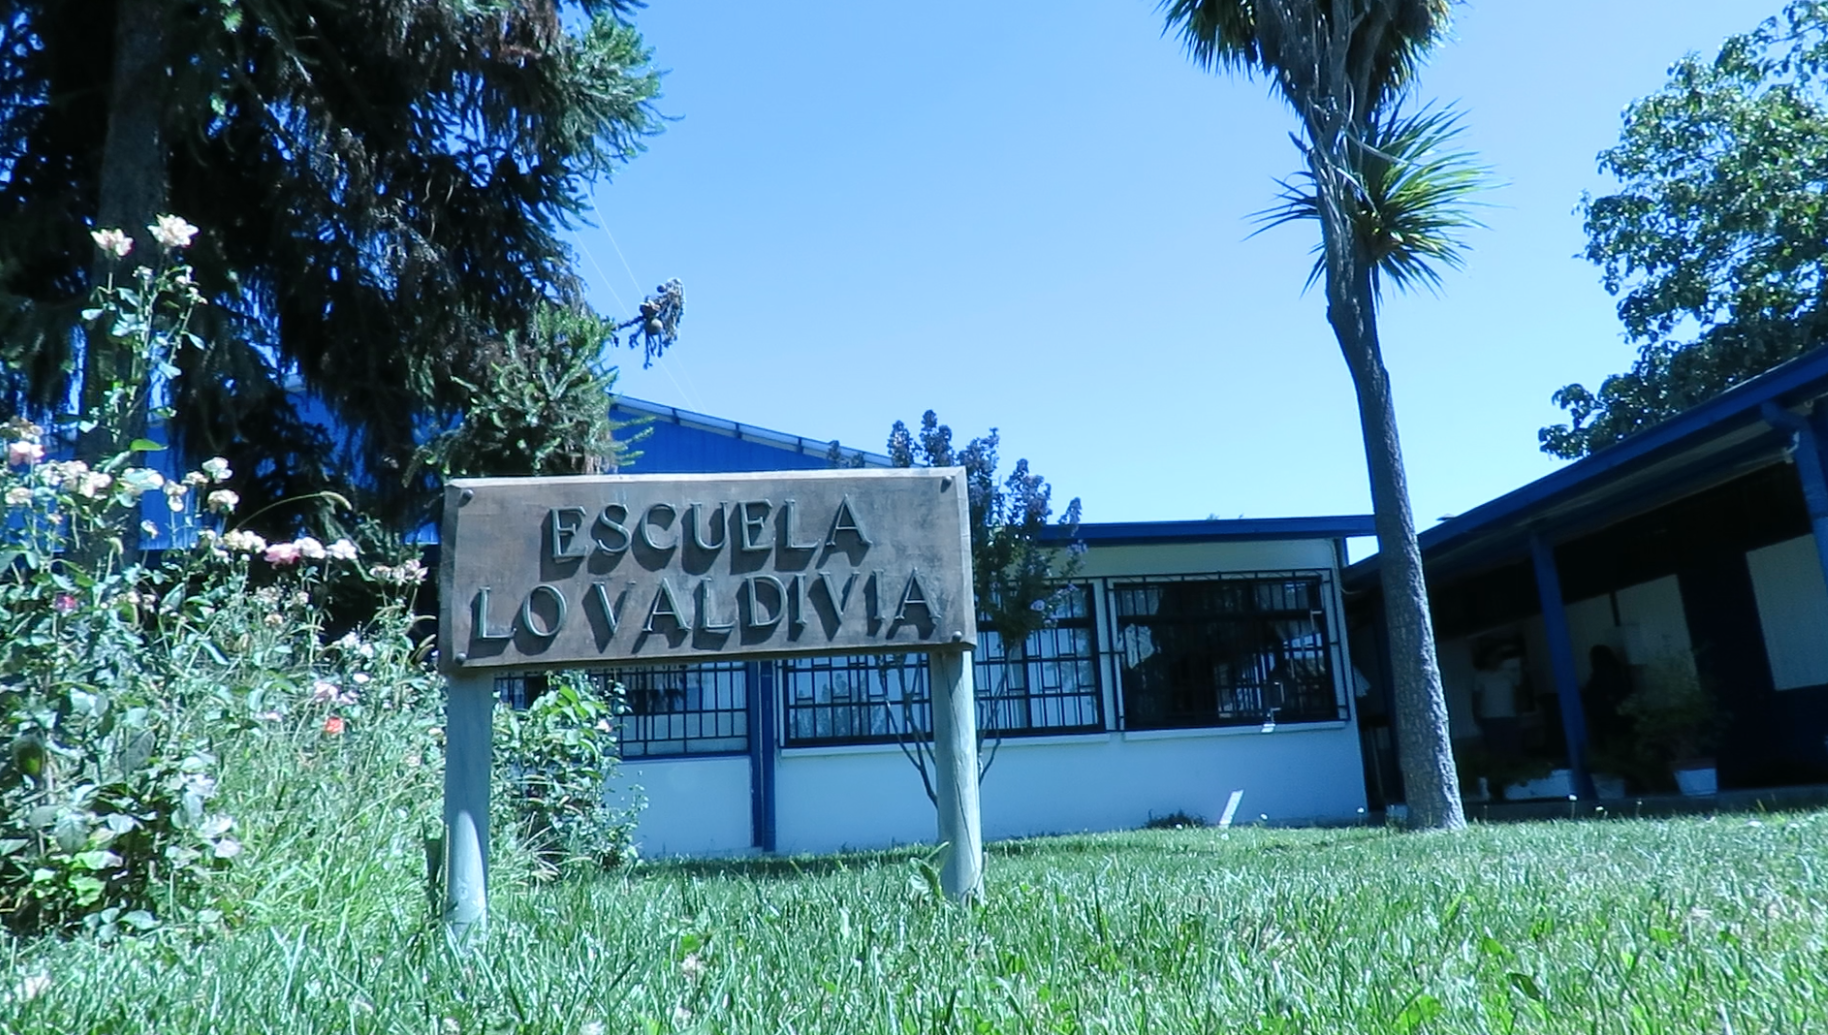 Escuela Lo Valdivia